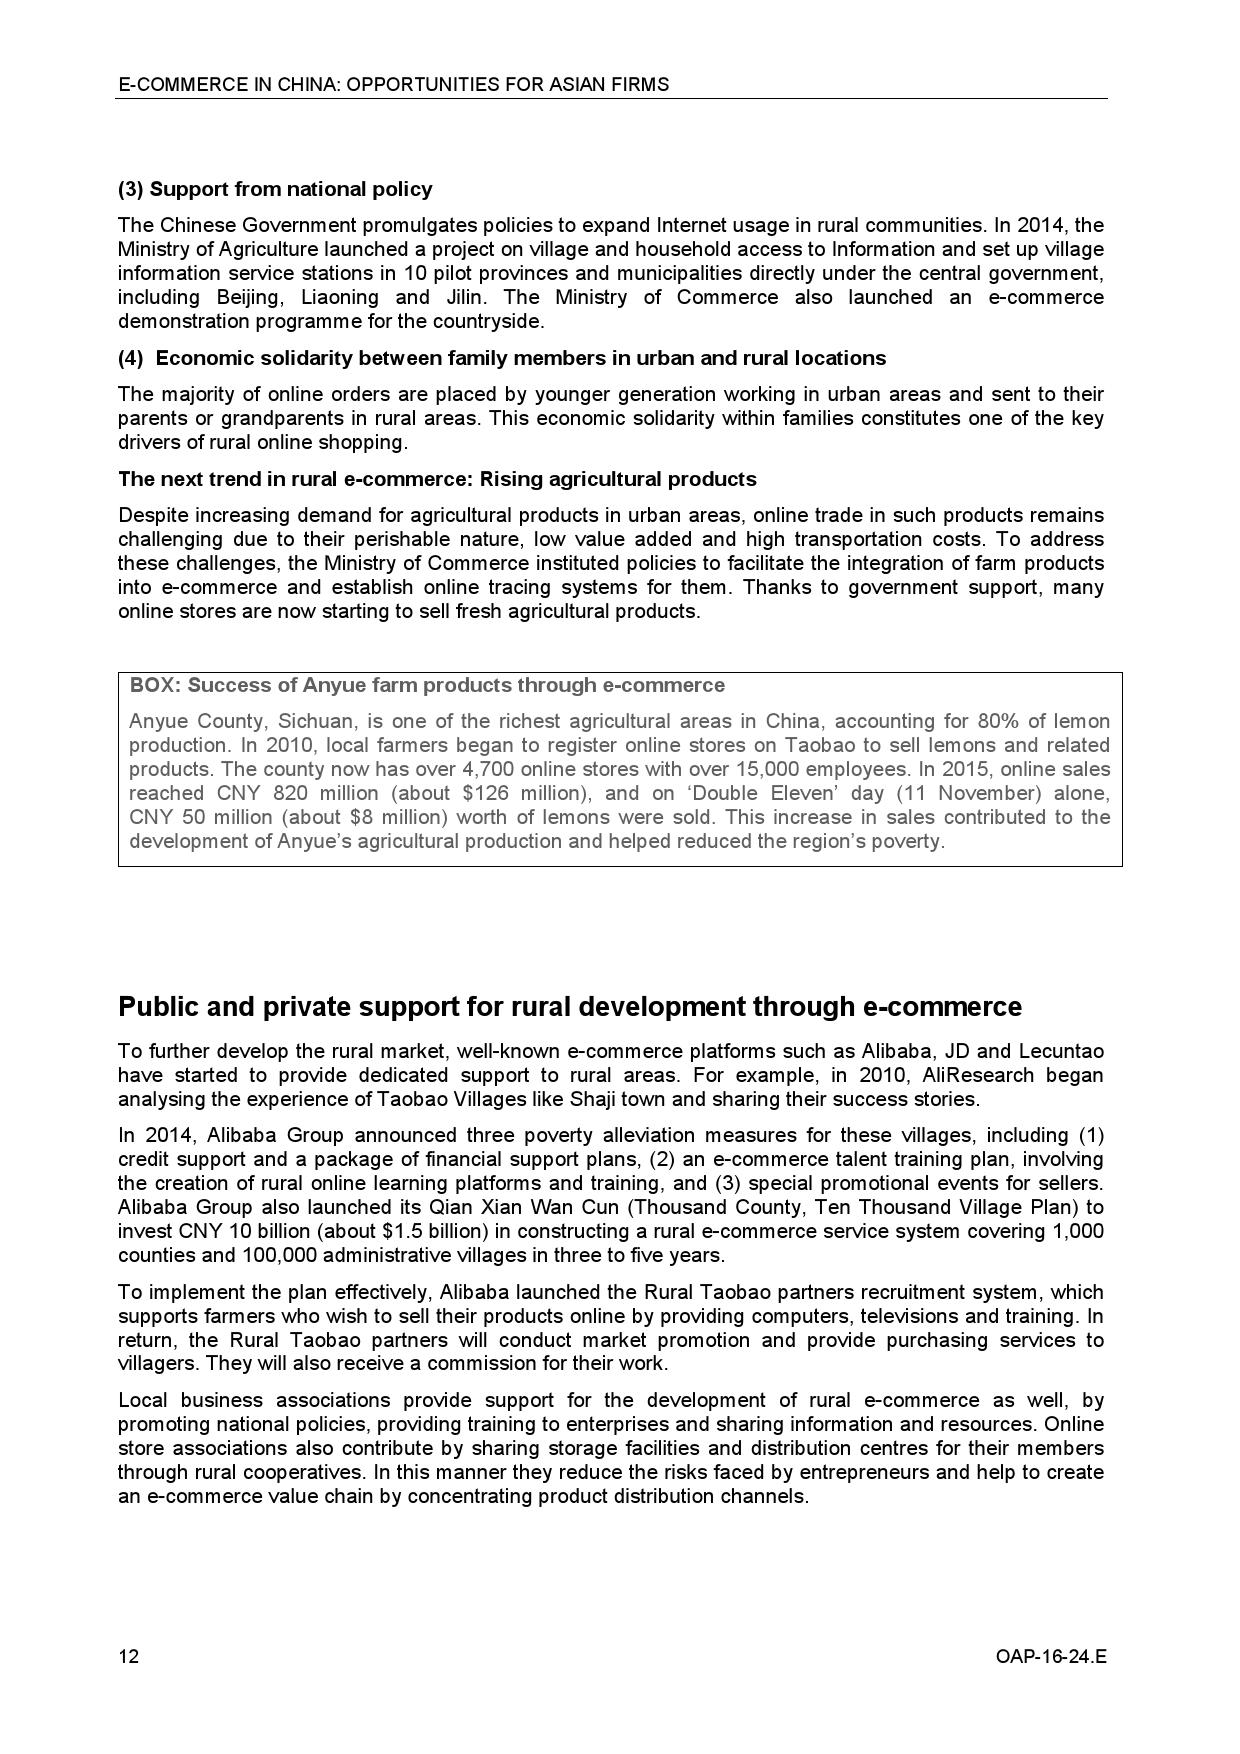 中国电子商务:对亚洲企业的机遇_000024